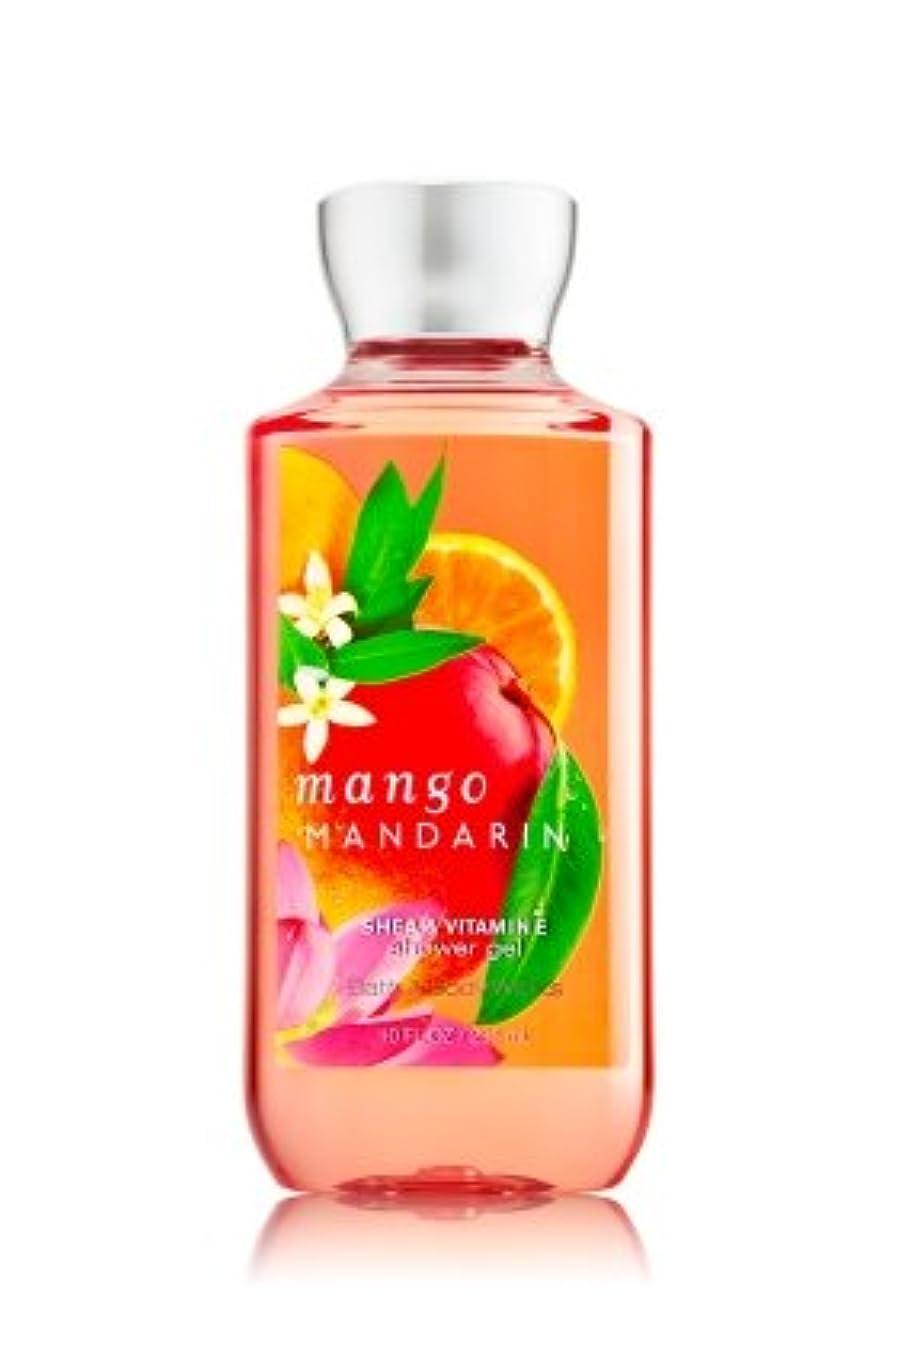 付与子供っぽい包括的【Bath&Body Works/バス&ボディワークス】 シャワージェル マンゴーマンダリン Shower Gel Mango Mandarin 10 fl oz / 295 mL [並行輸入品]